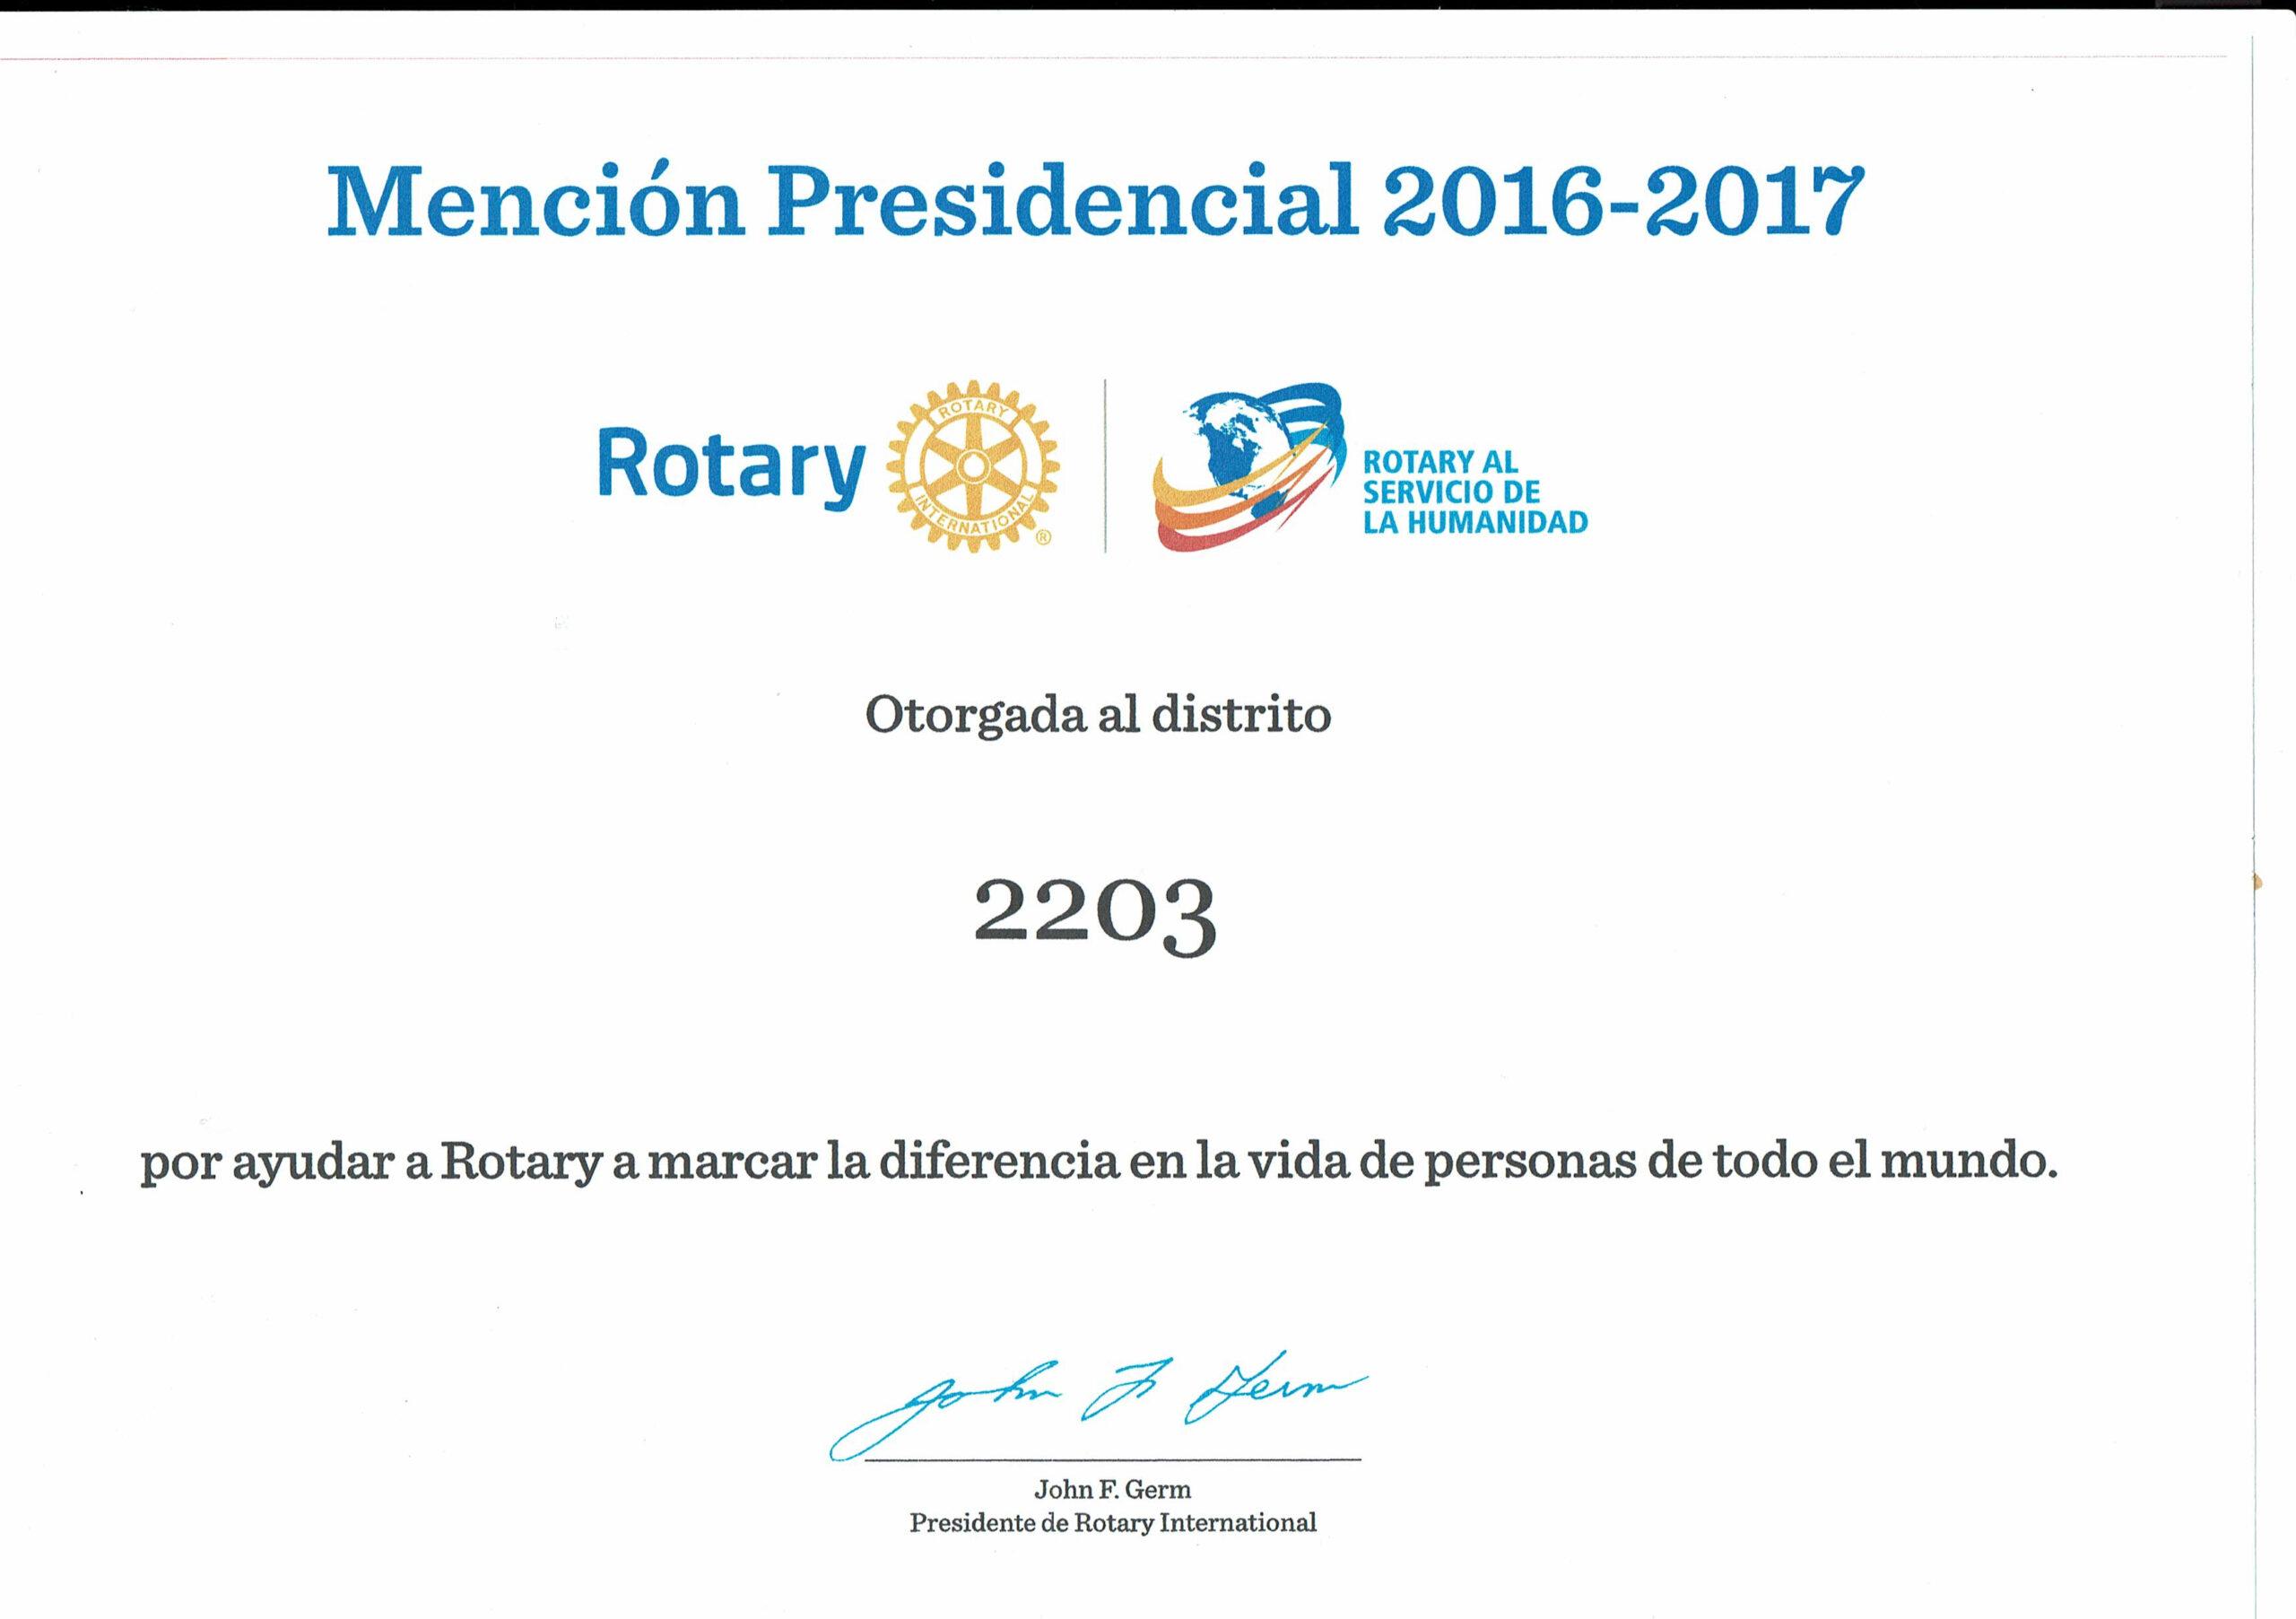 Mención Presidencial al distrito 2203